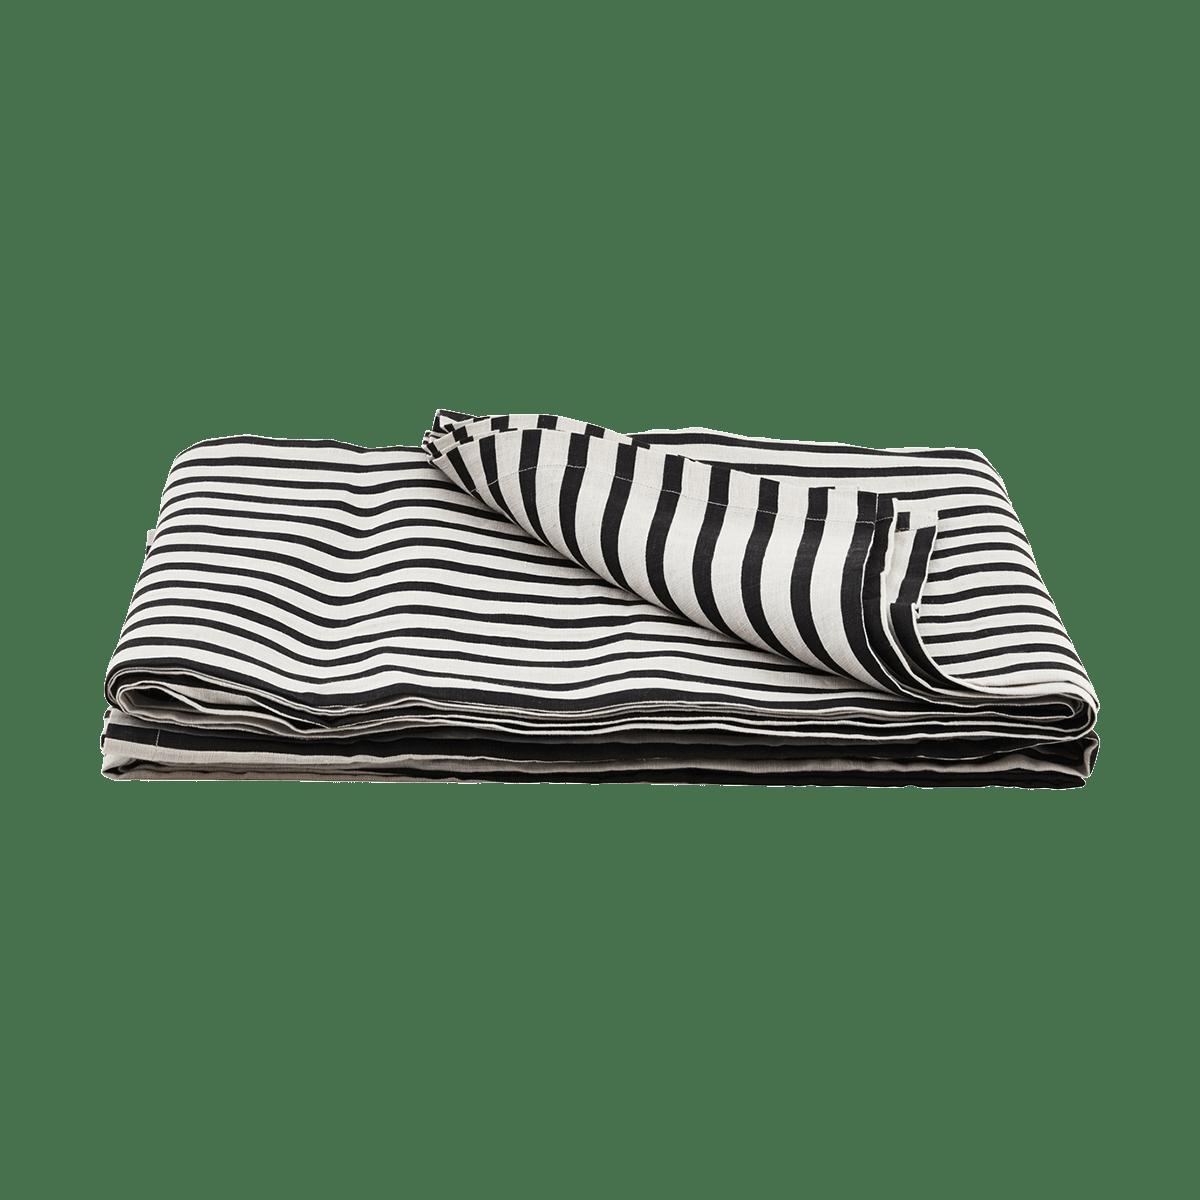 Černobílý přehoz přes postel Stripe